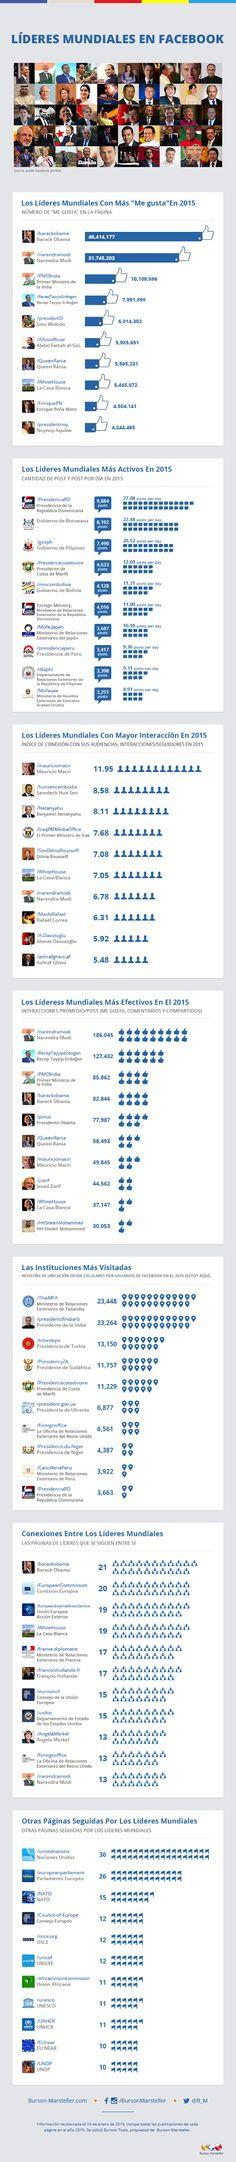 Líderes mundiales en Facebook #Infografia #Infographic #SocialMedia